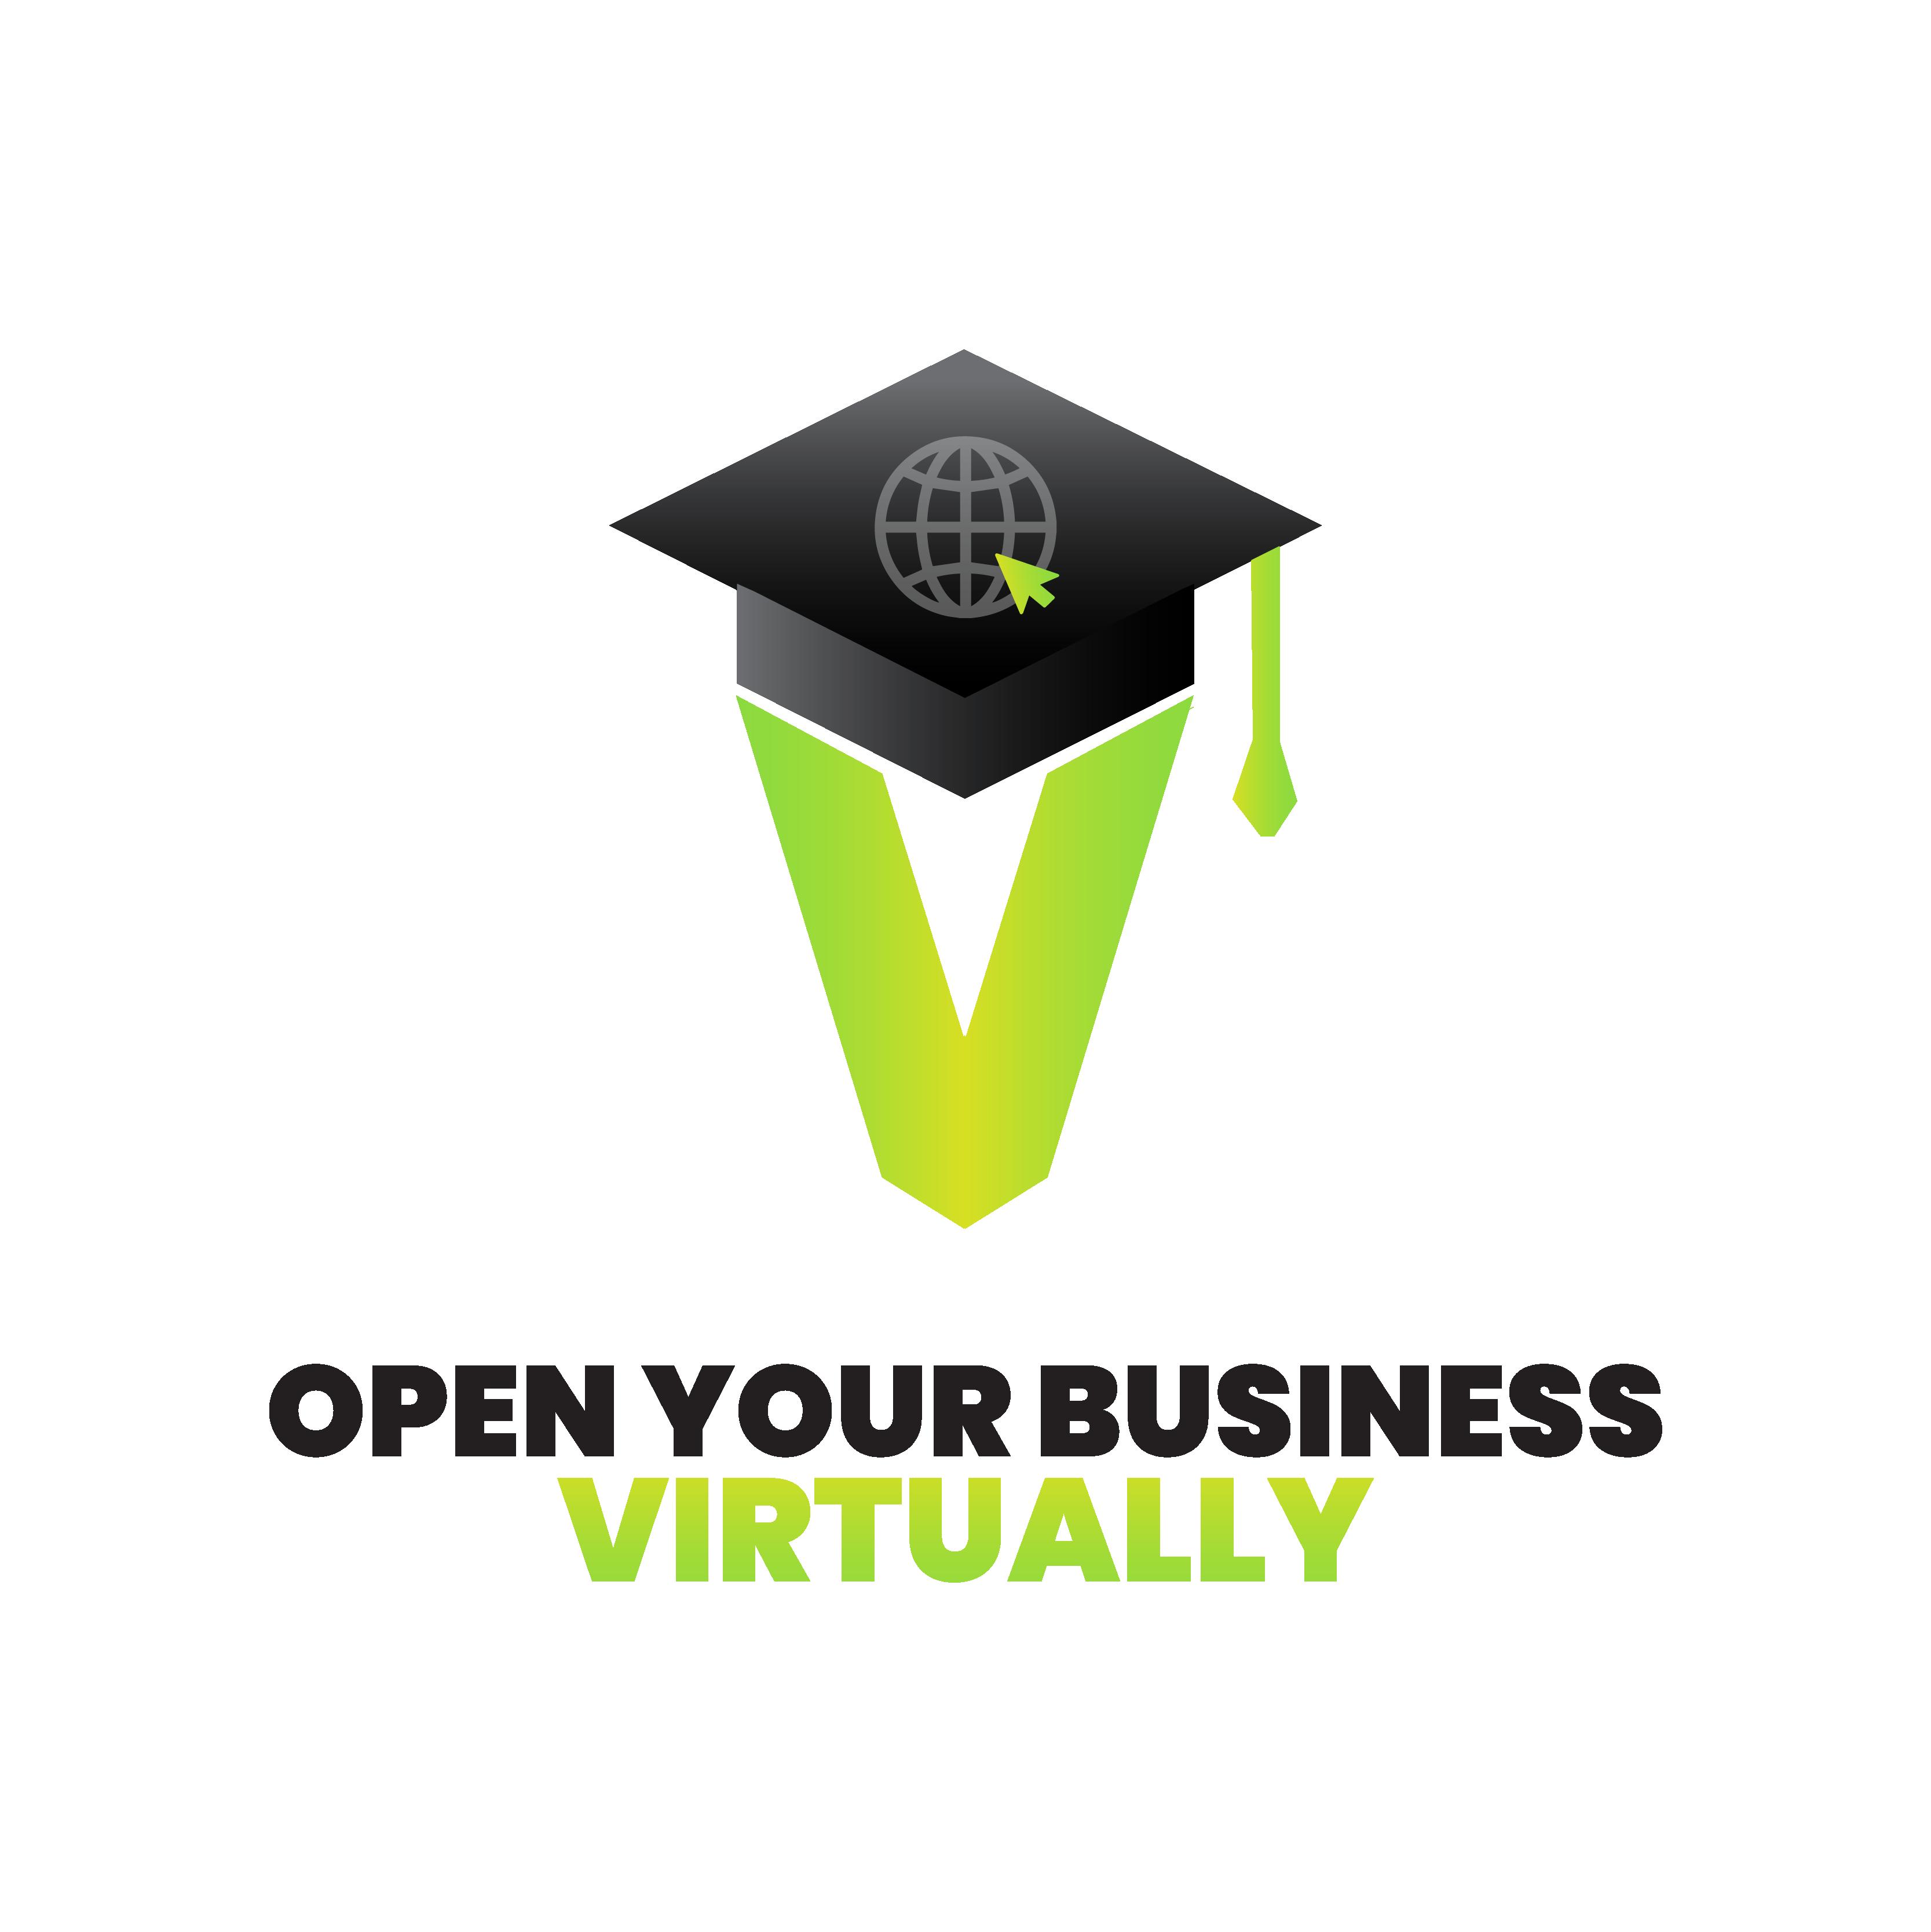 Open Virtually Now